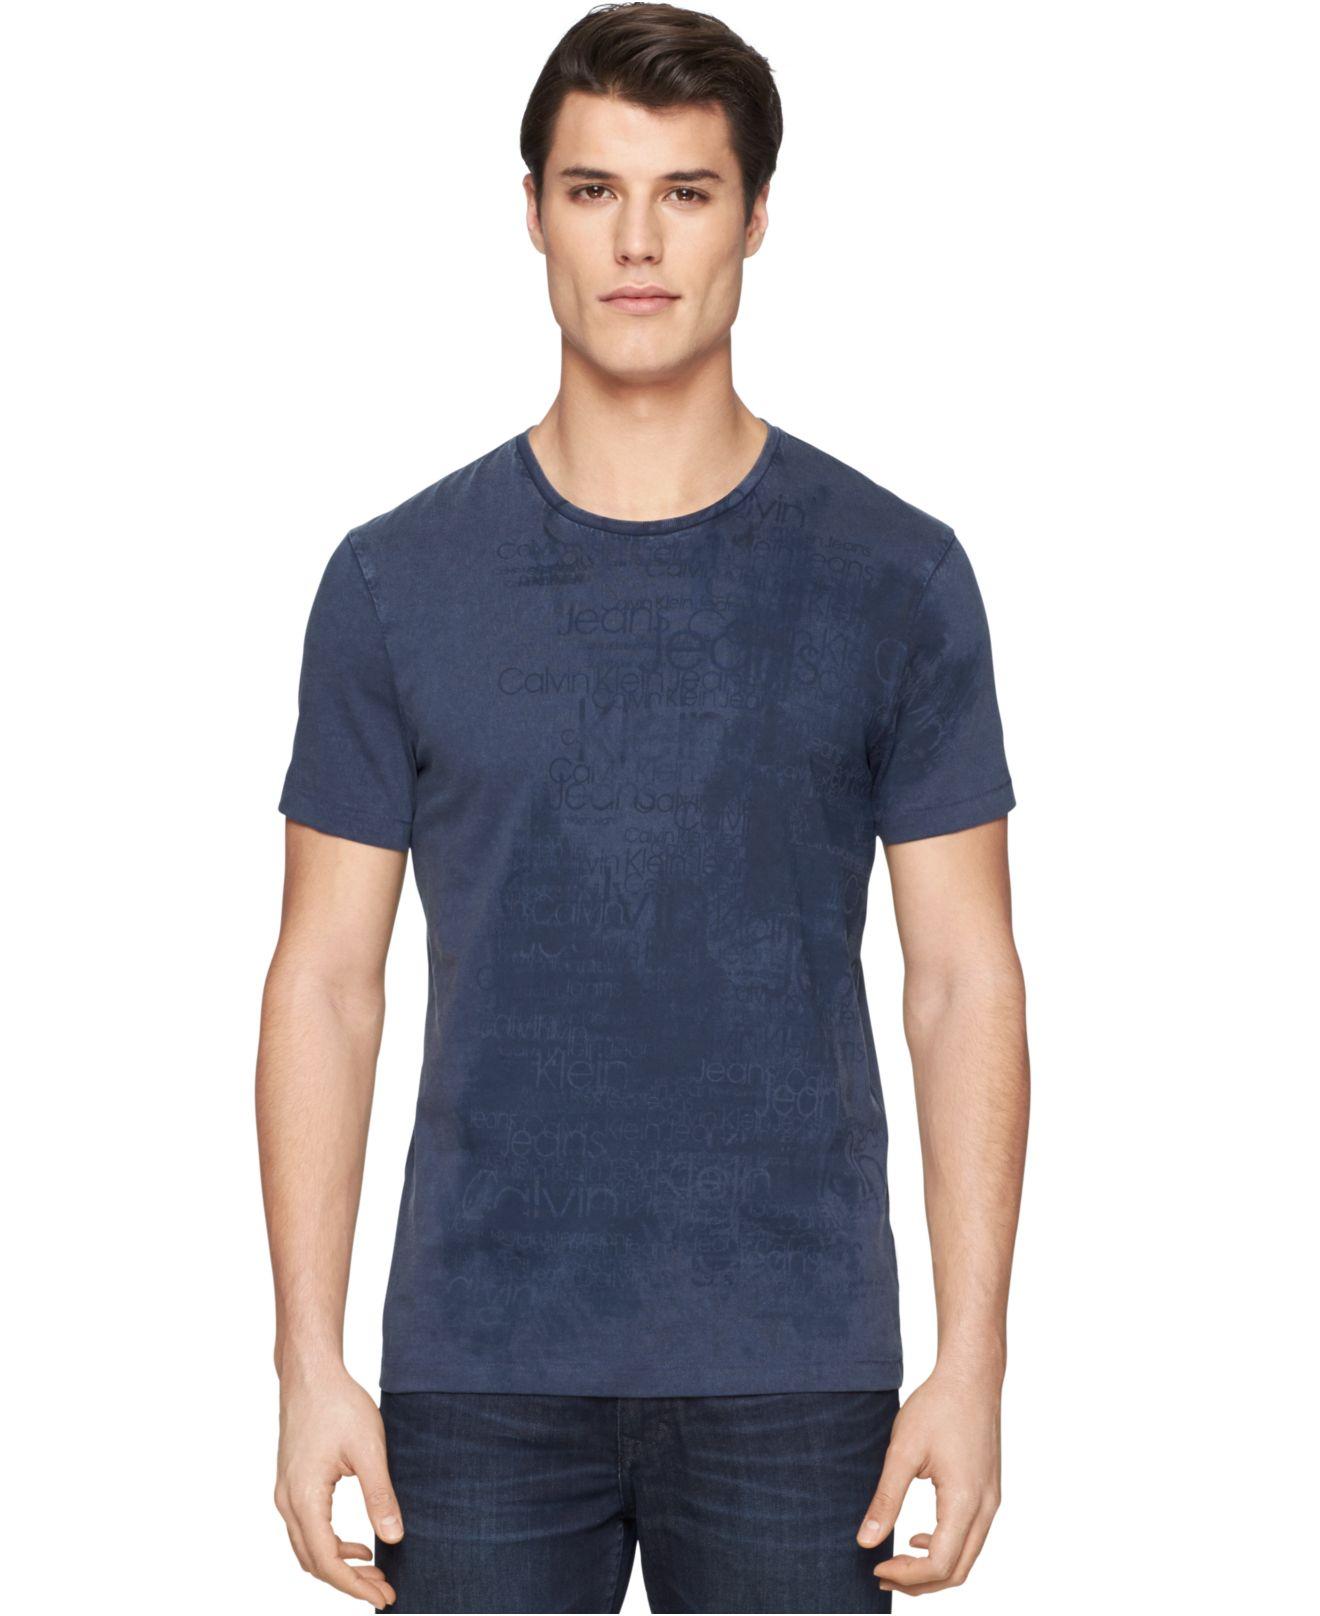 calvin klein jeans misty skies t shirt in blue for men lyst. Black Bedroom Furniture Sets. Home Design Ideas